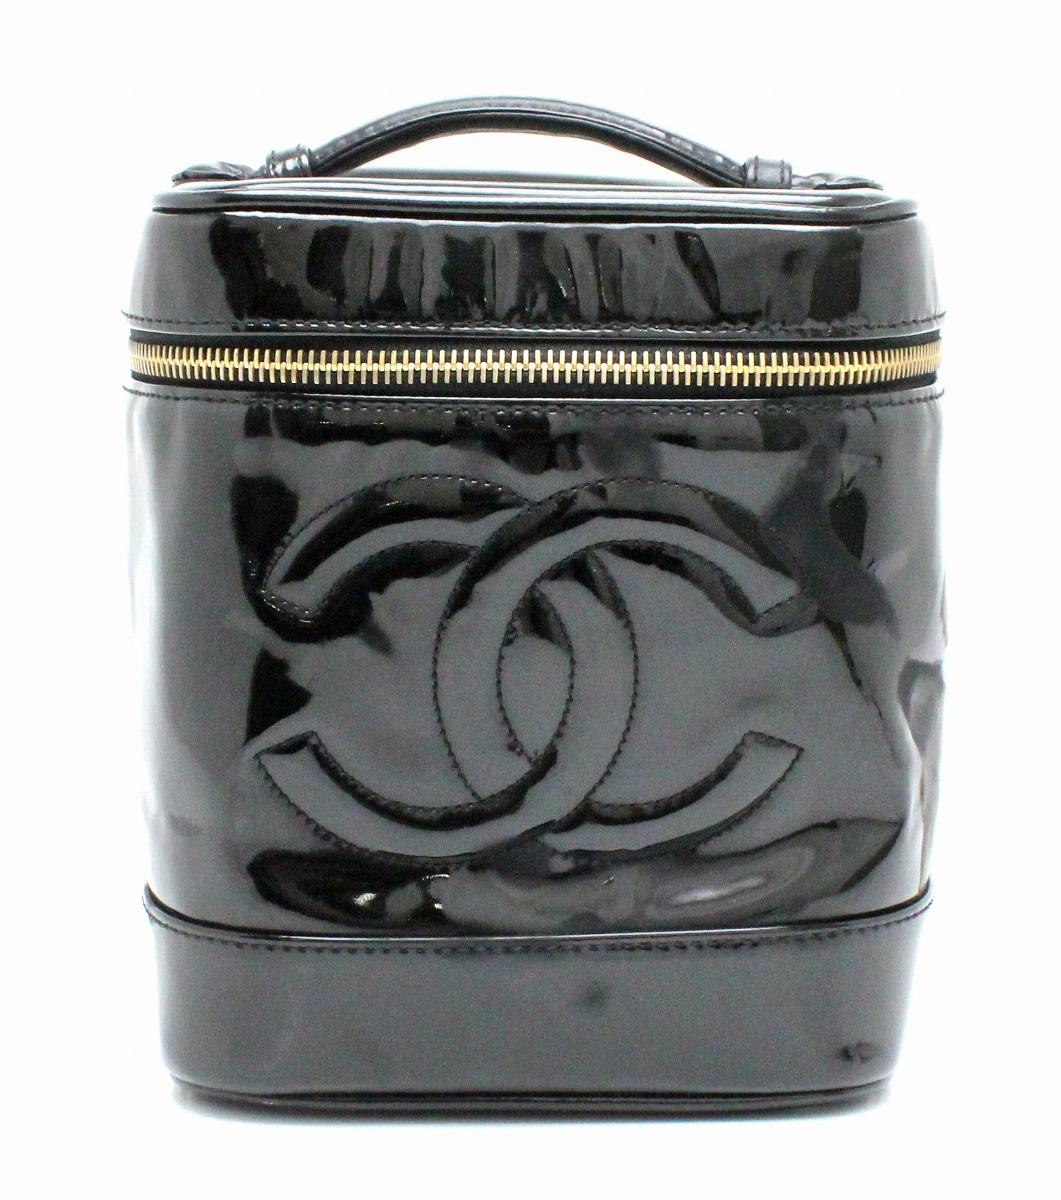 【バッグ】CHANEL シャネル エナメル バニティバッグ ハンドバッグ ココマーク 縦型 黒 ブラック A01998 【中古】【k】